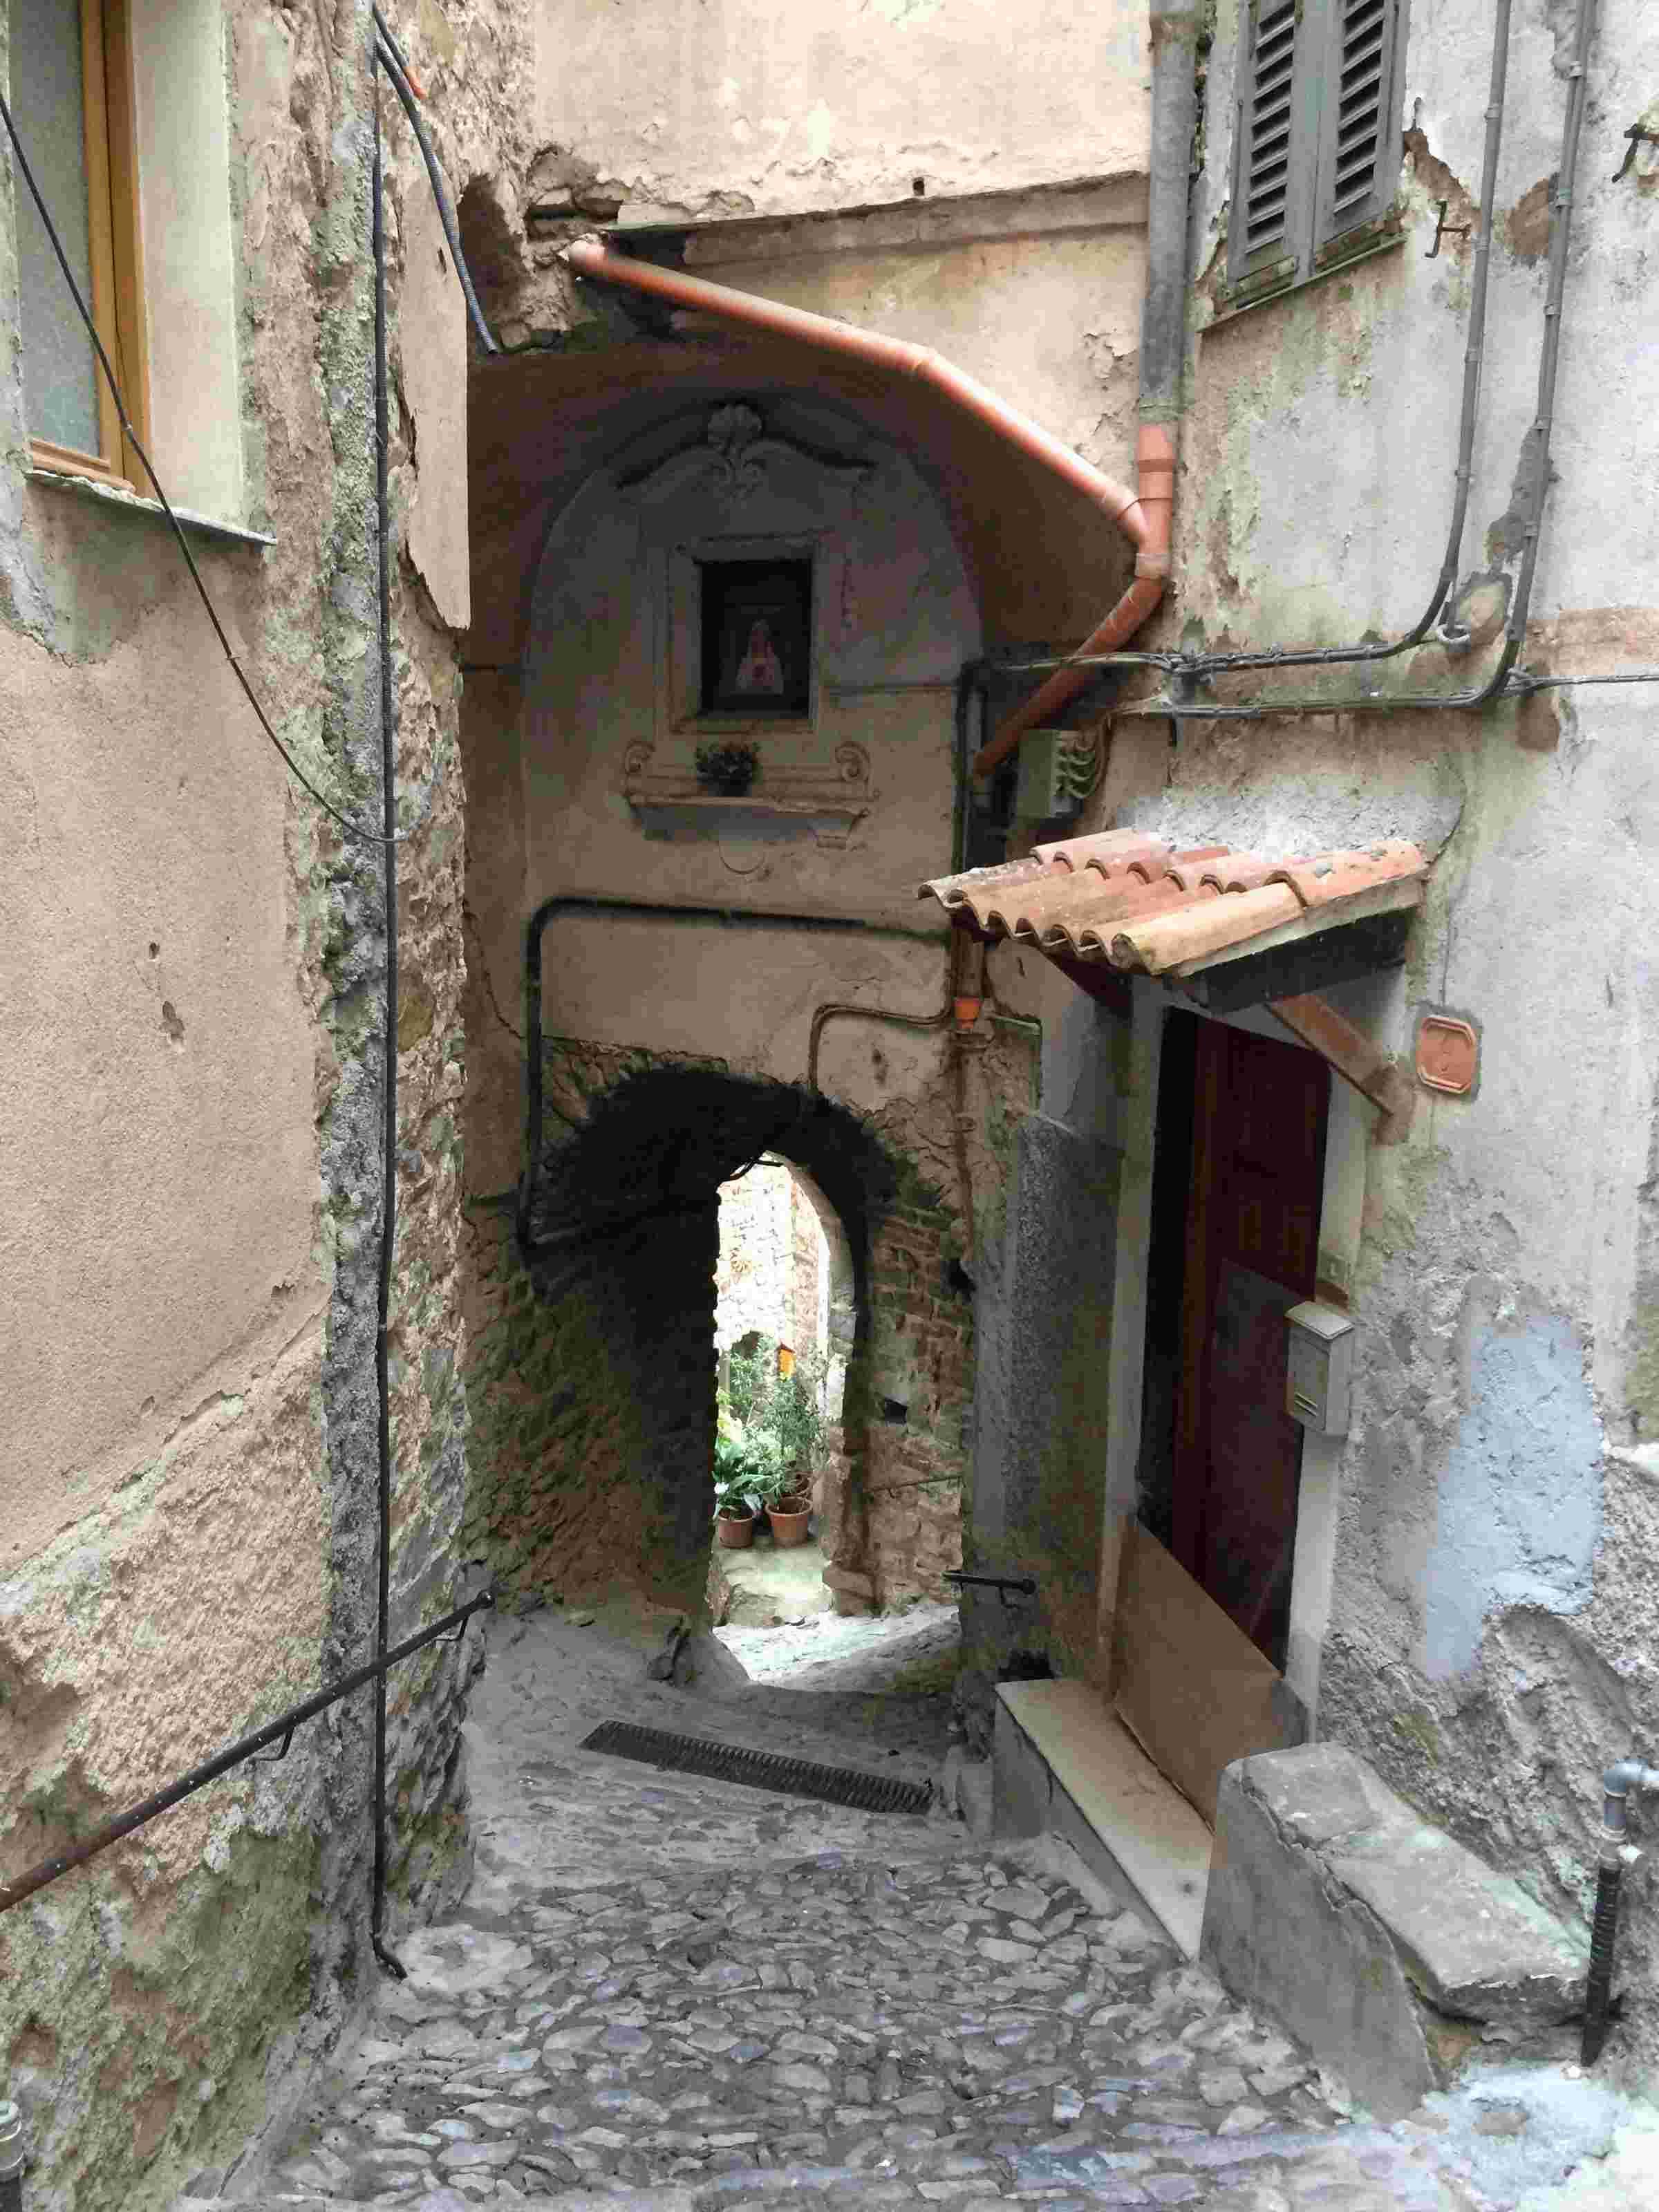 Apricale, le plus beau village d'Italie Aprica30